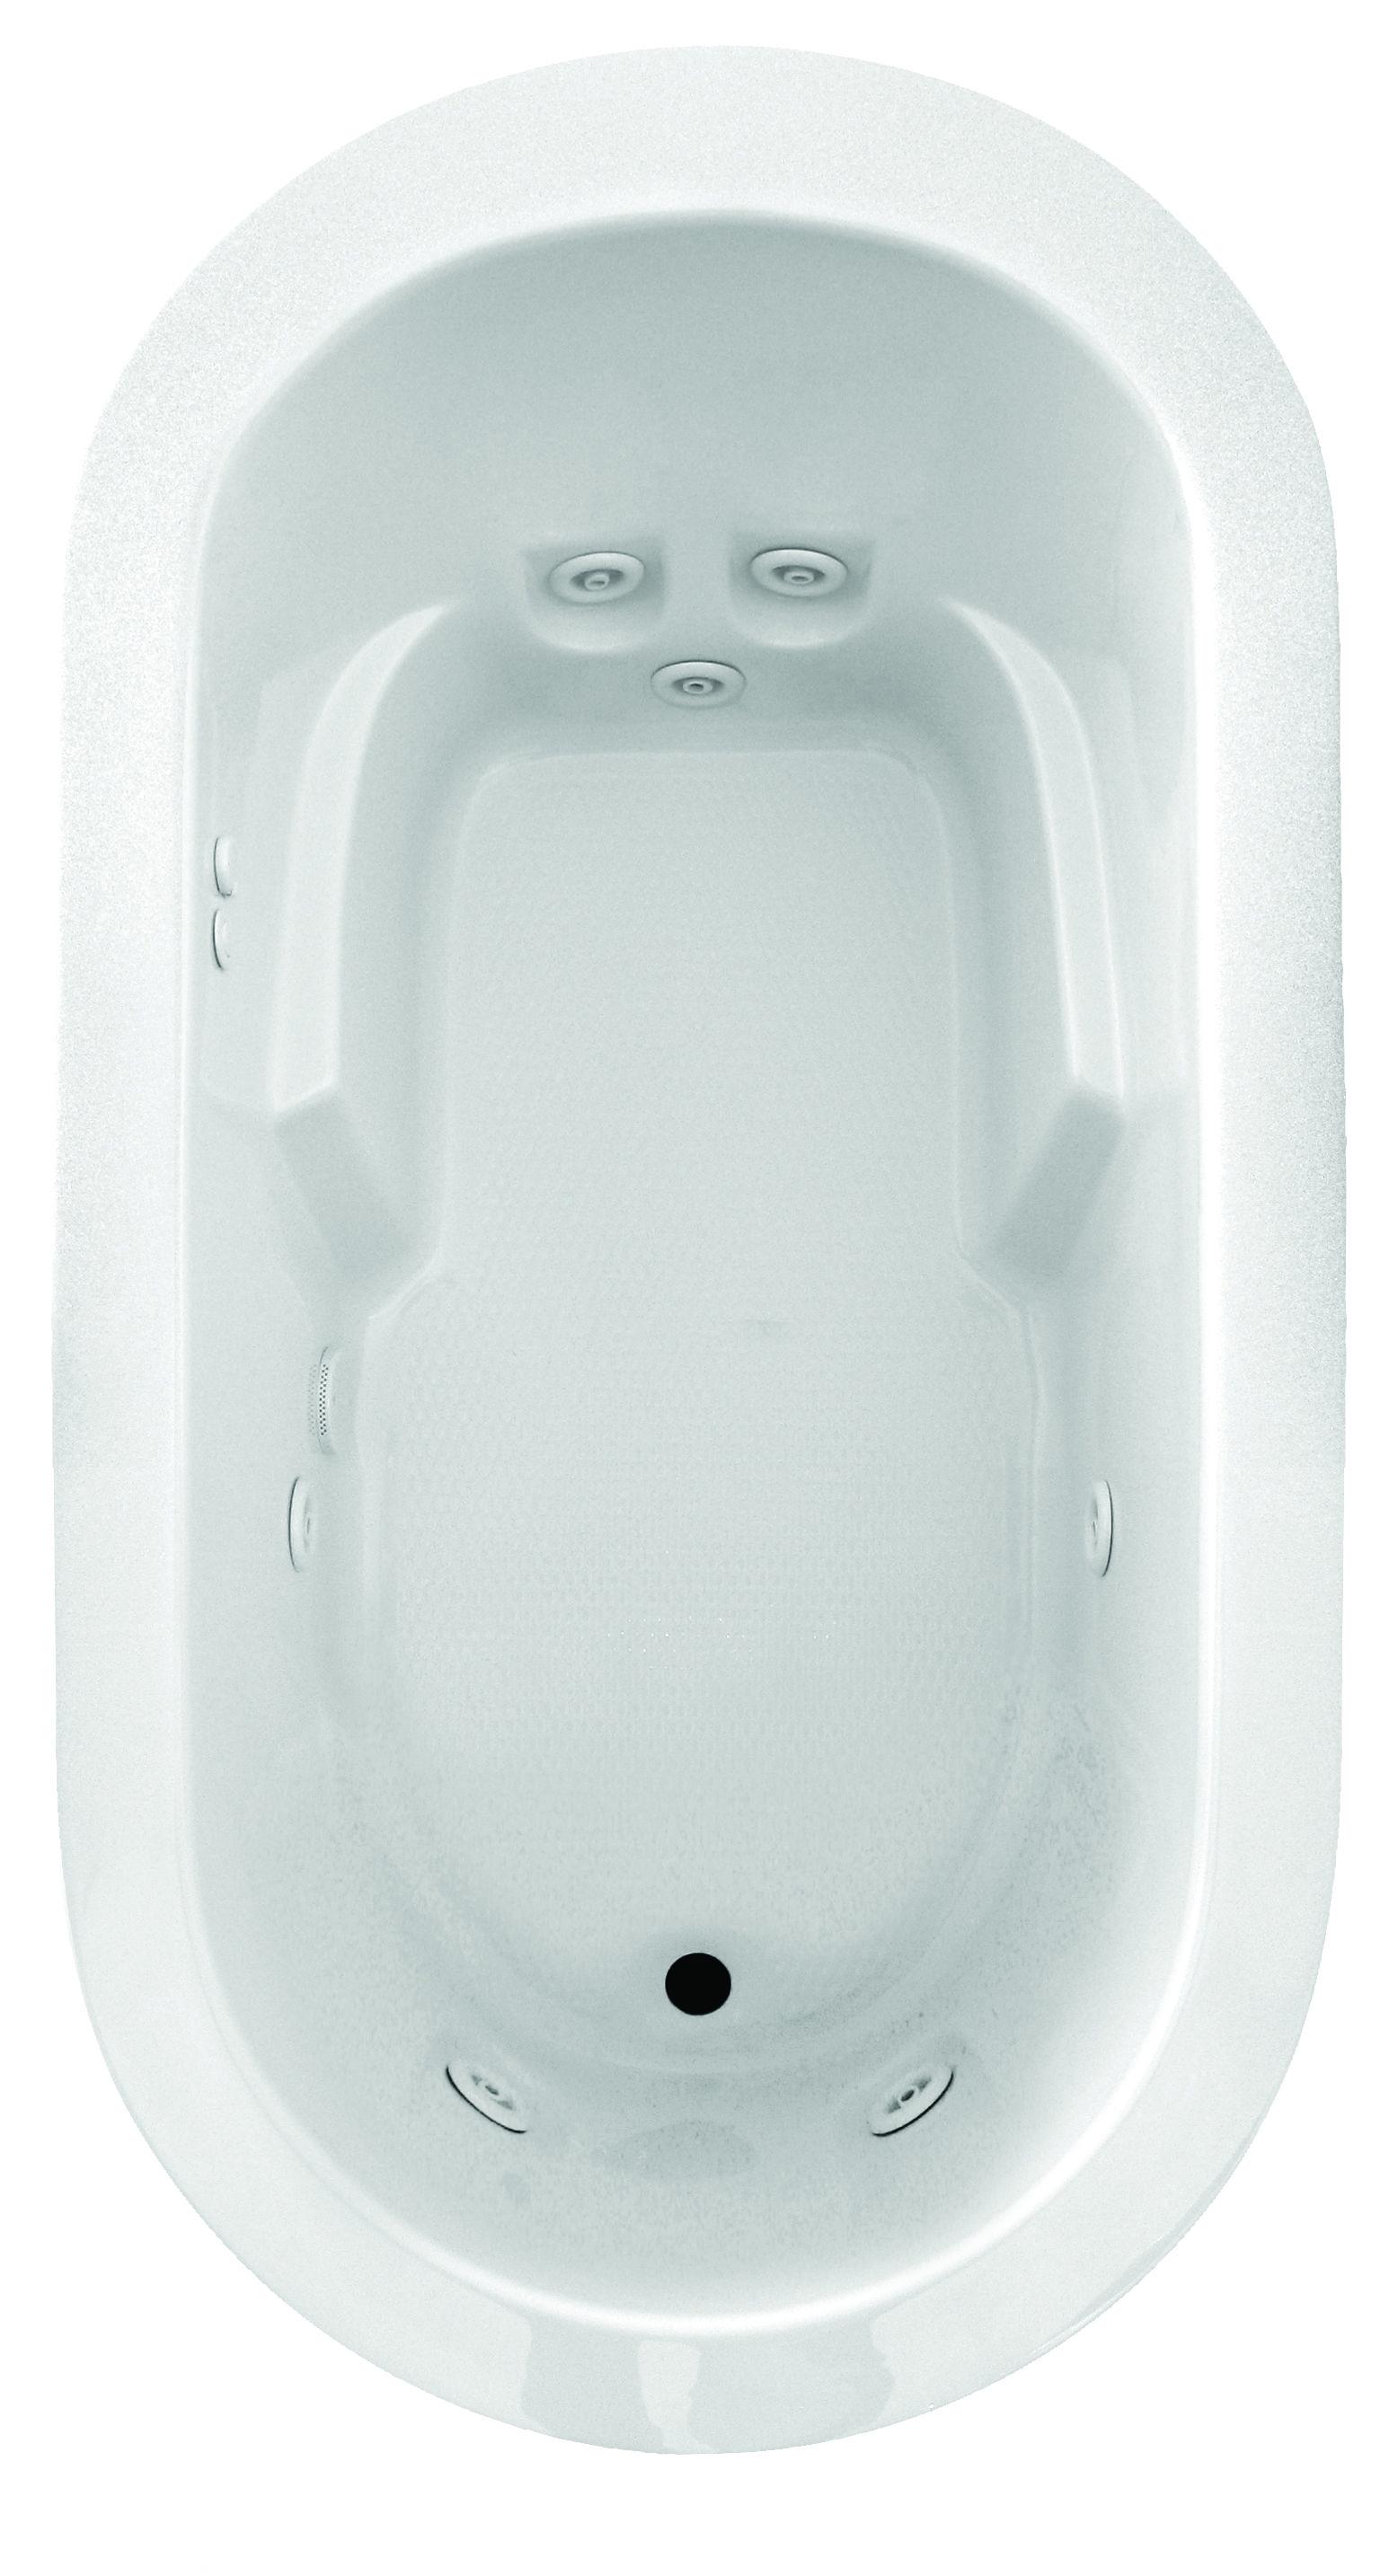 Jetta Designer whirlpool bathtub, J30X Malibu model. Visit www ...